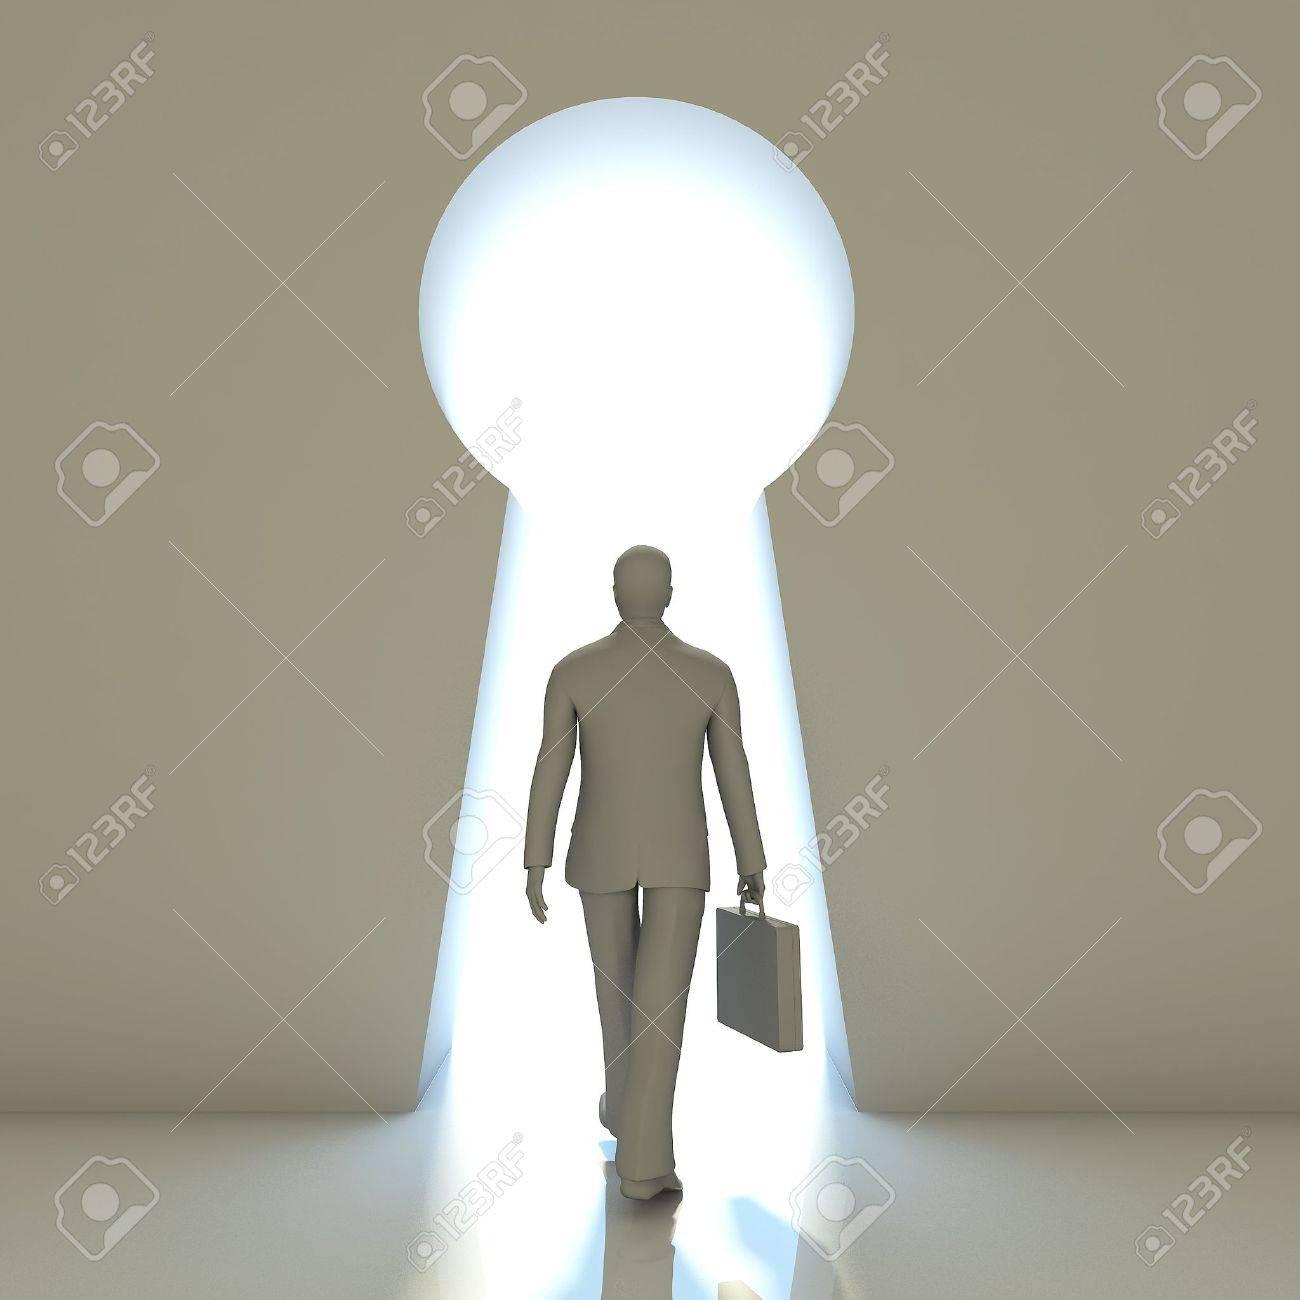 Businessman walking into a gate shaped like a keyhole Stock Photo - 19134876